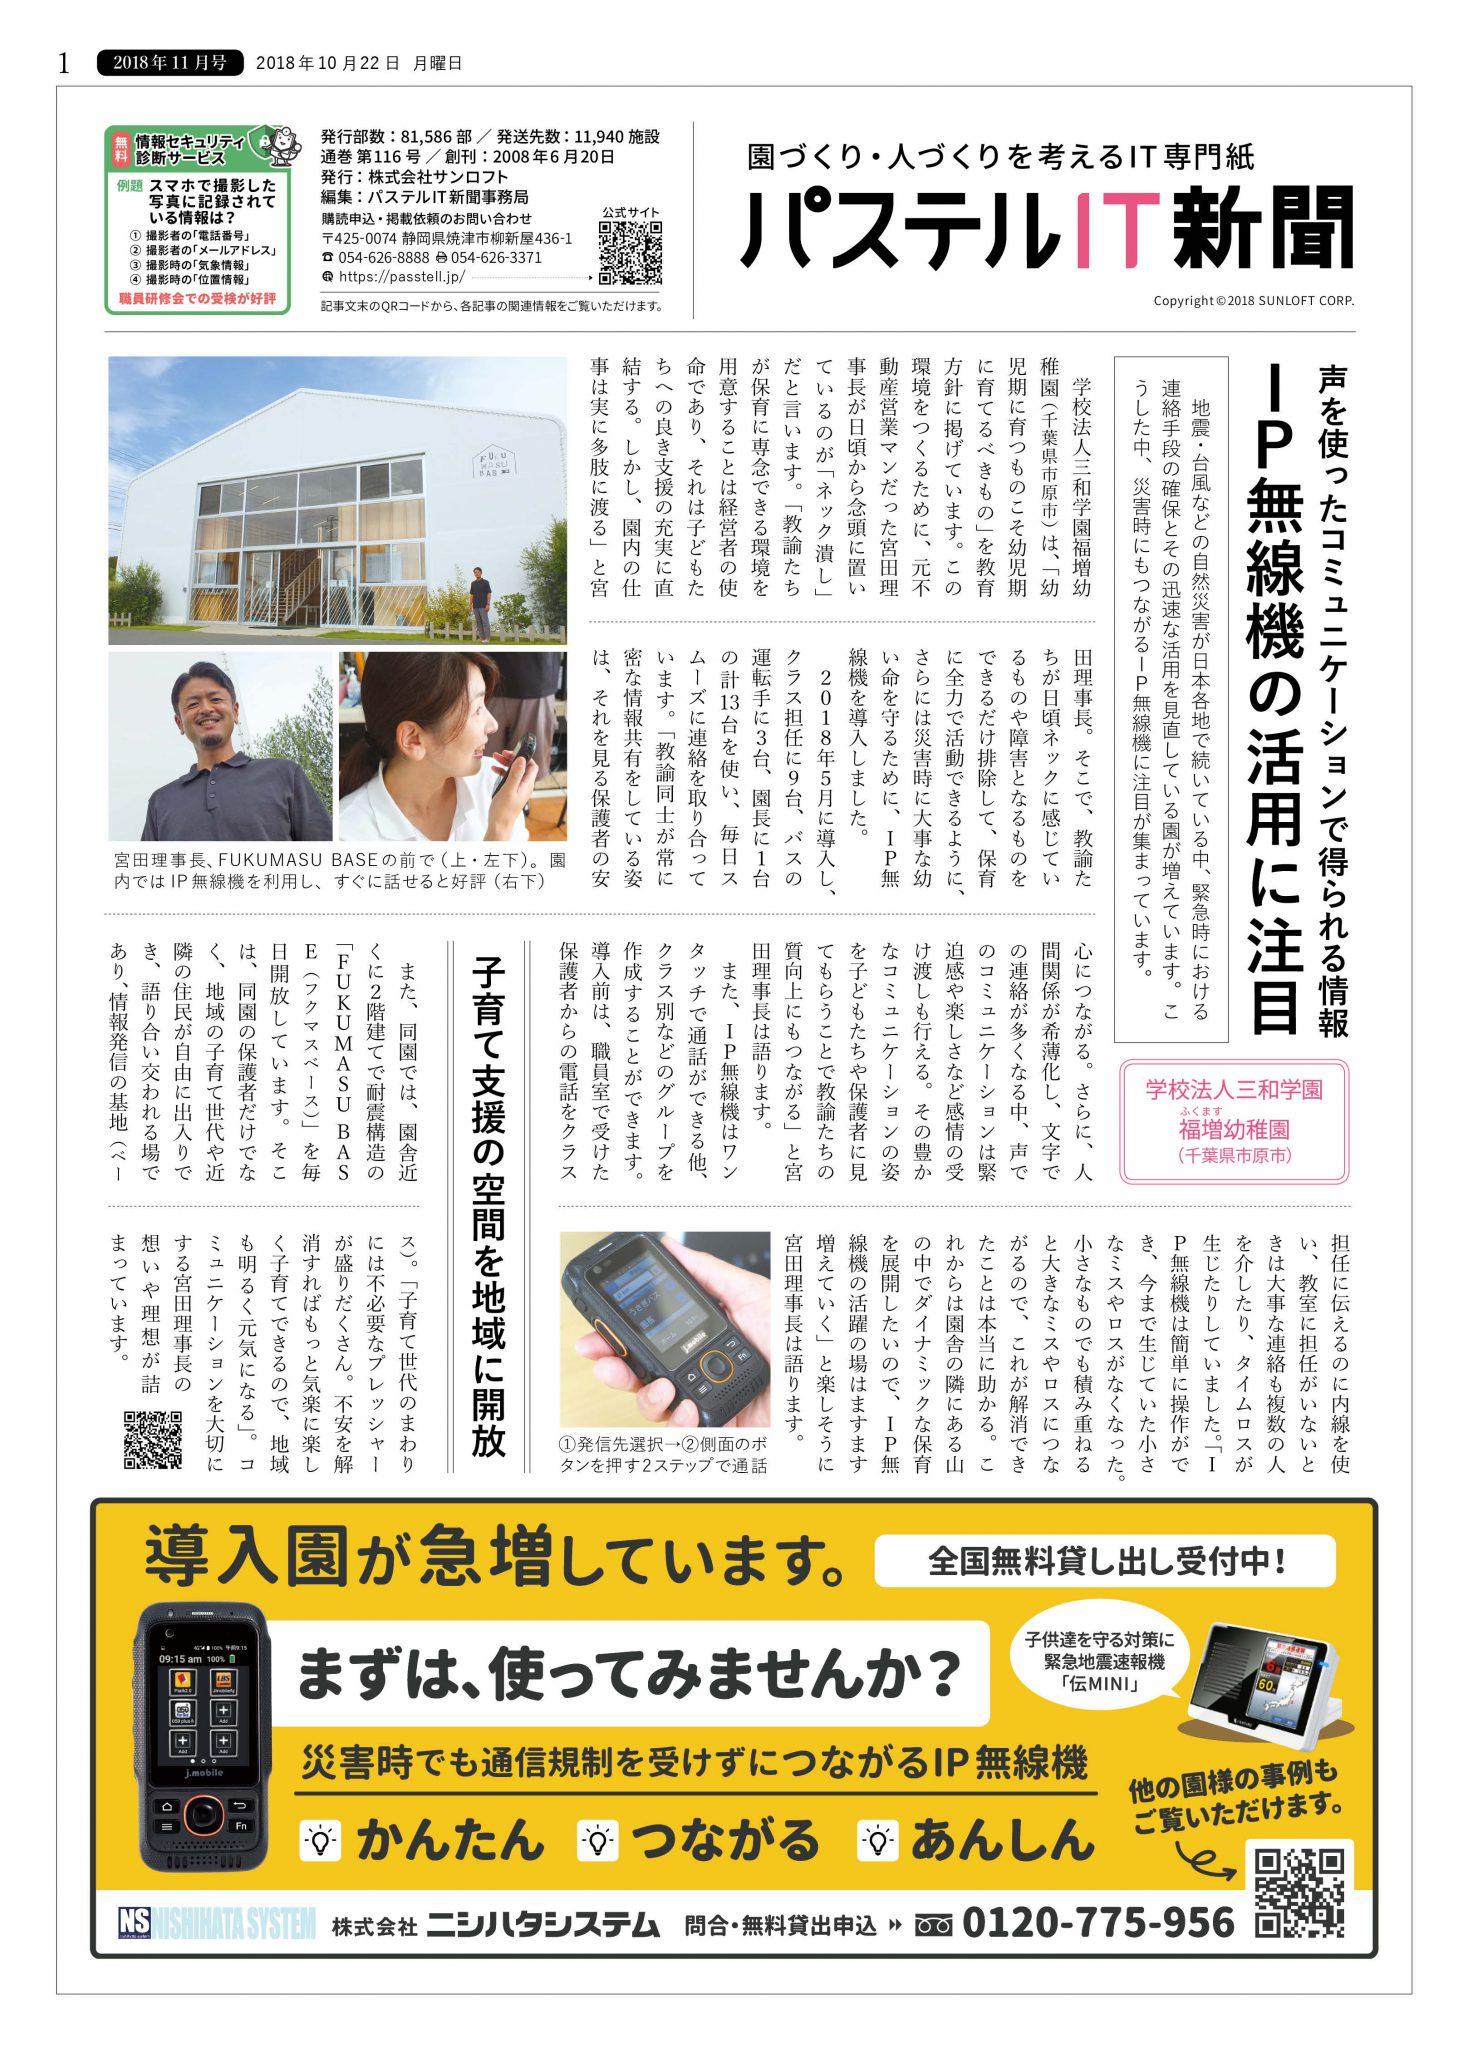 デイ:今月のおすすめ記事 - daybook.jp